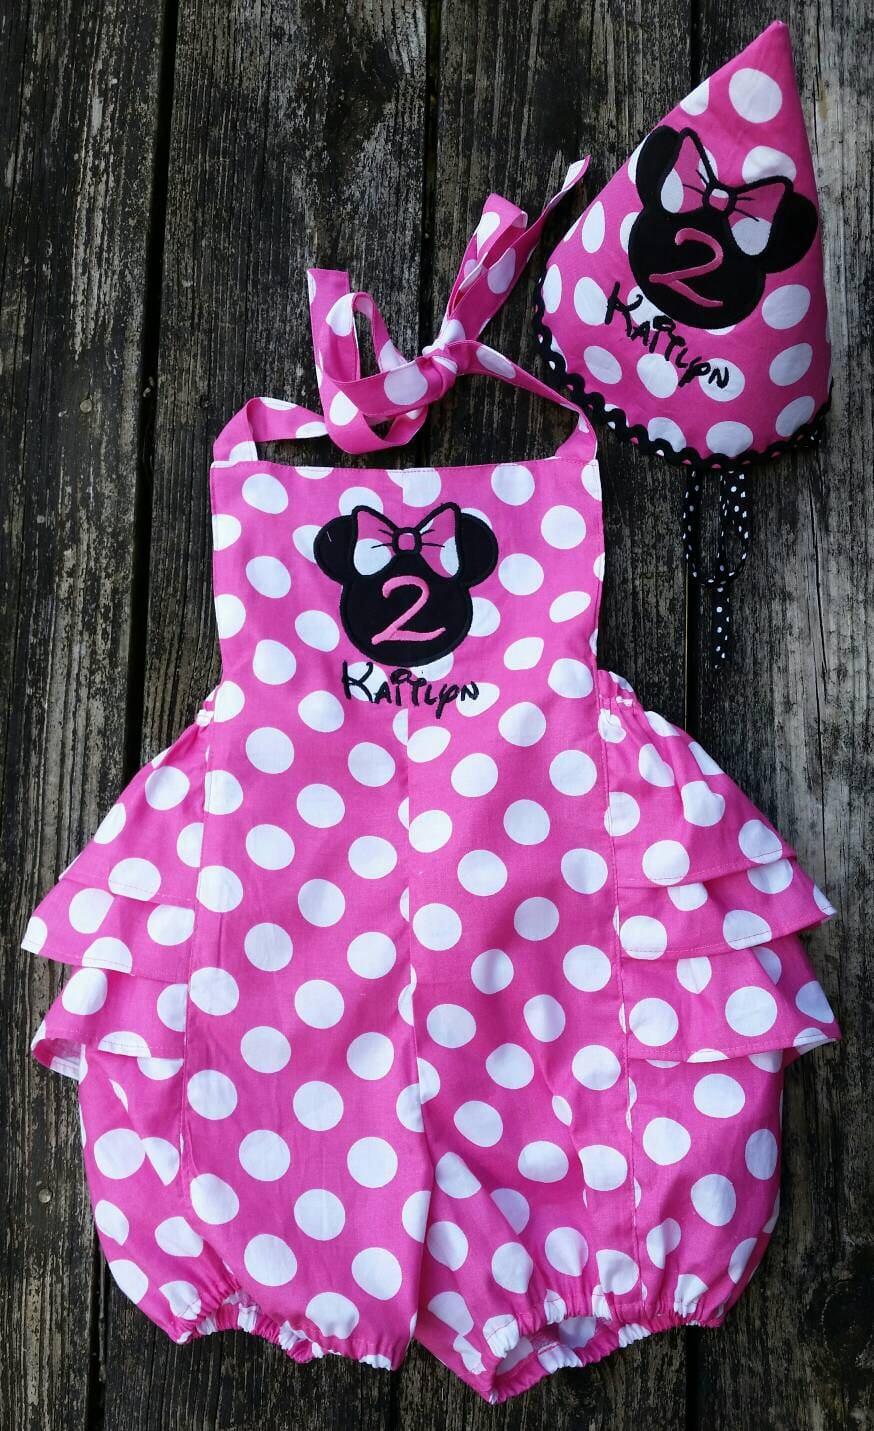 Minnie Maus Strampler / Disney outfit / Blase Strampler / 1.